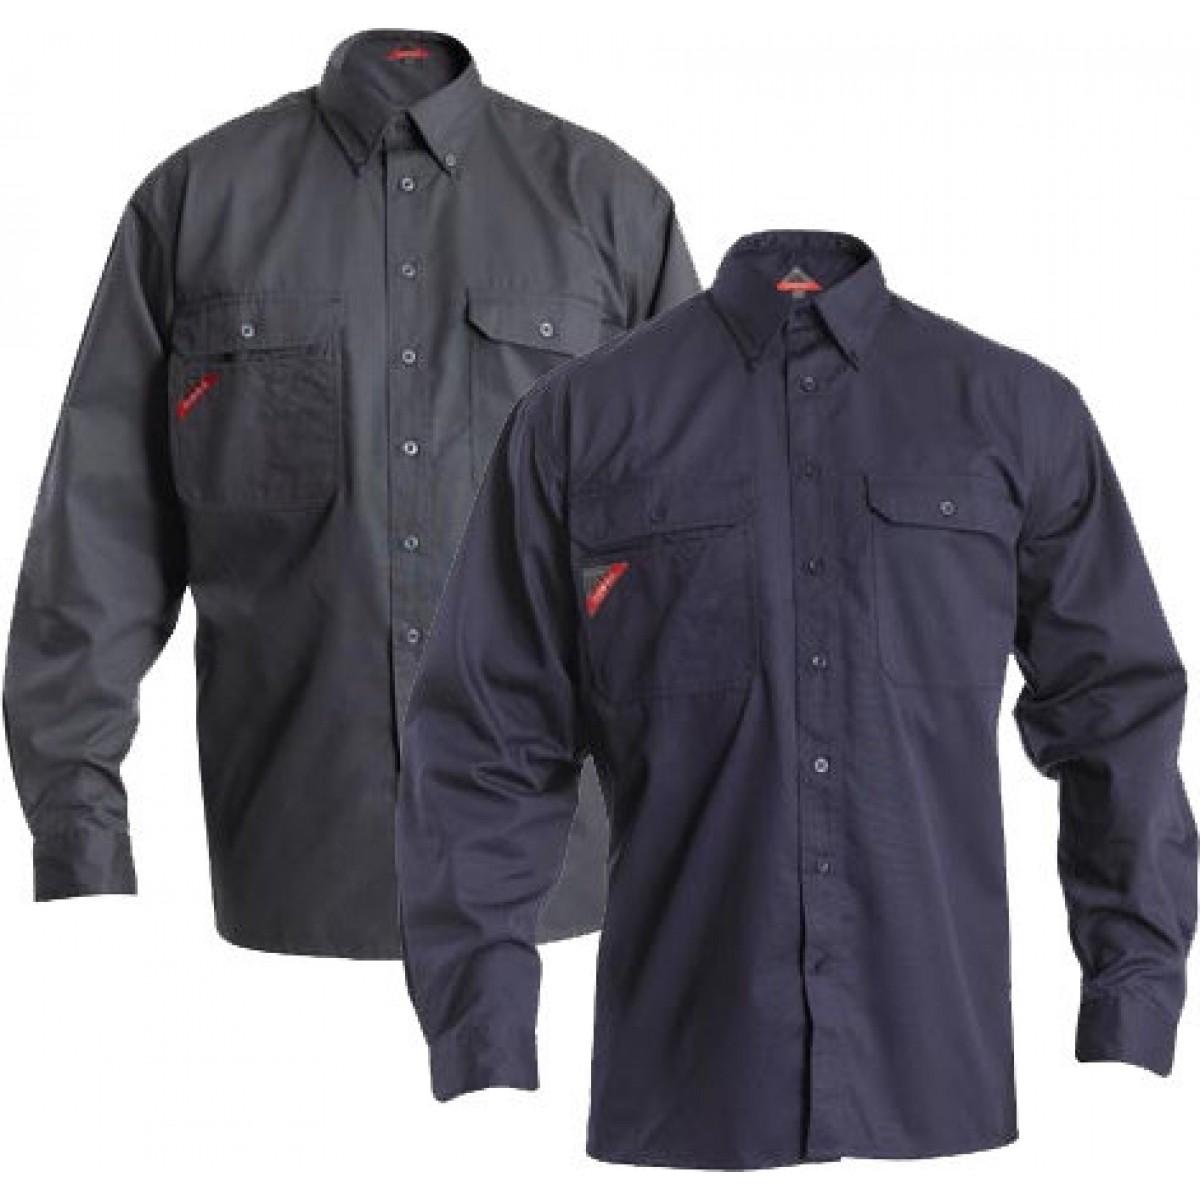 Frank arbejdsskjorte med 2 brystlommer-31